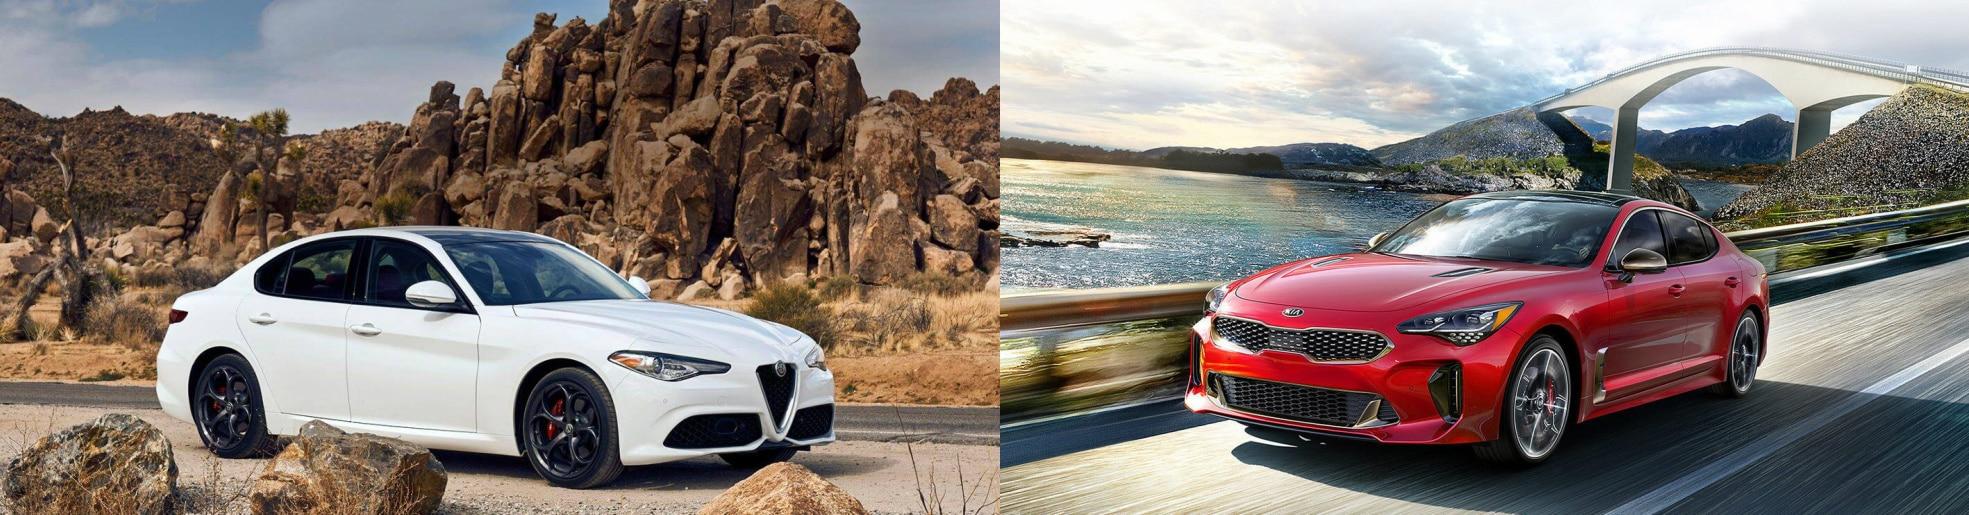 Alfa Romeo Giulia vs Kia Stinger